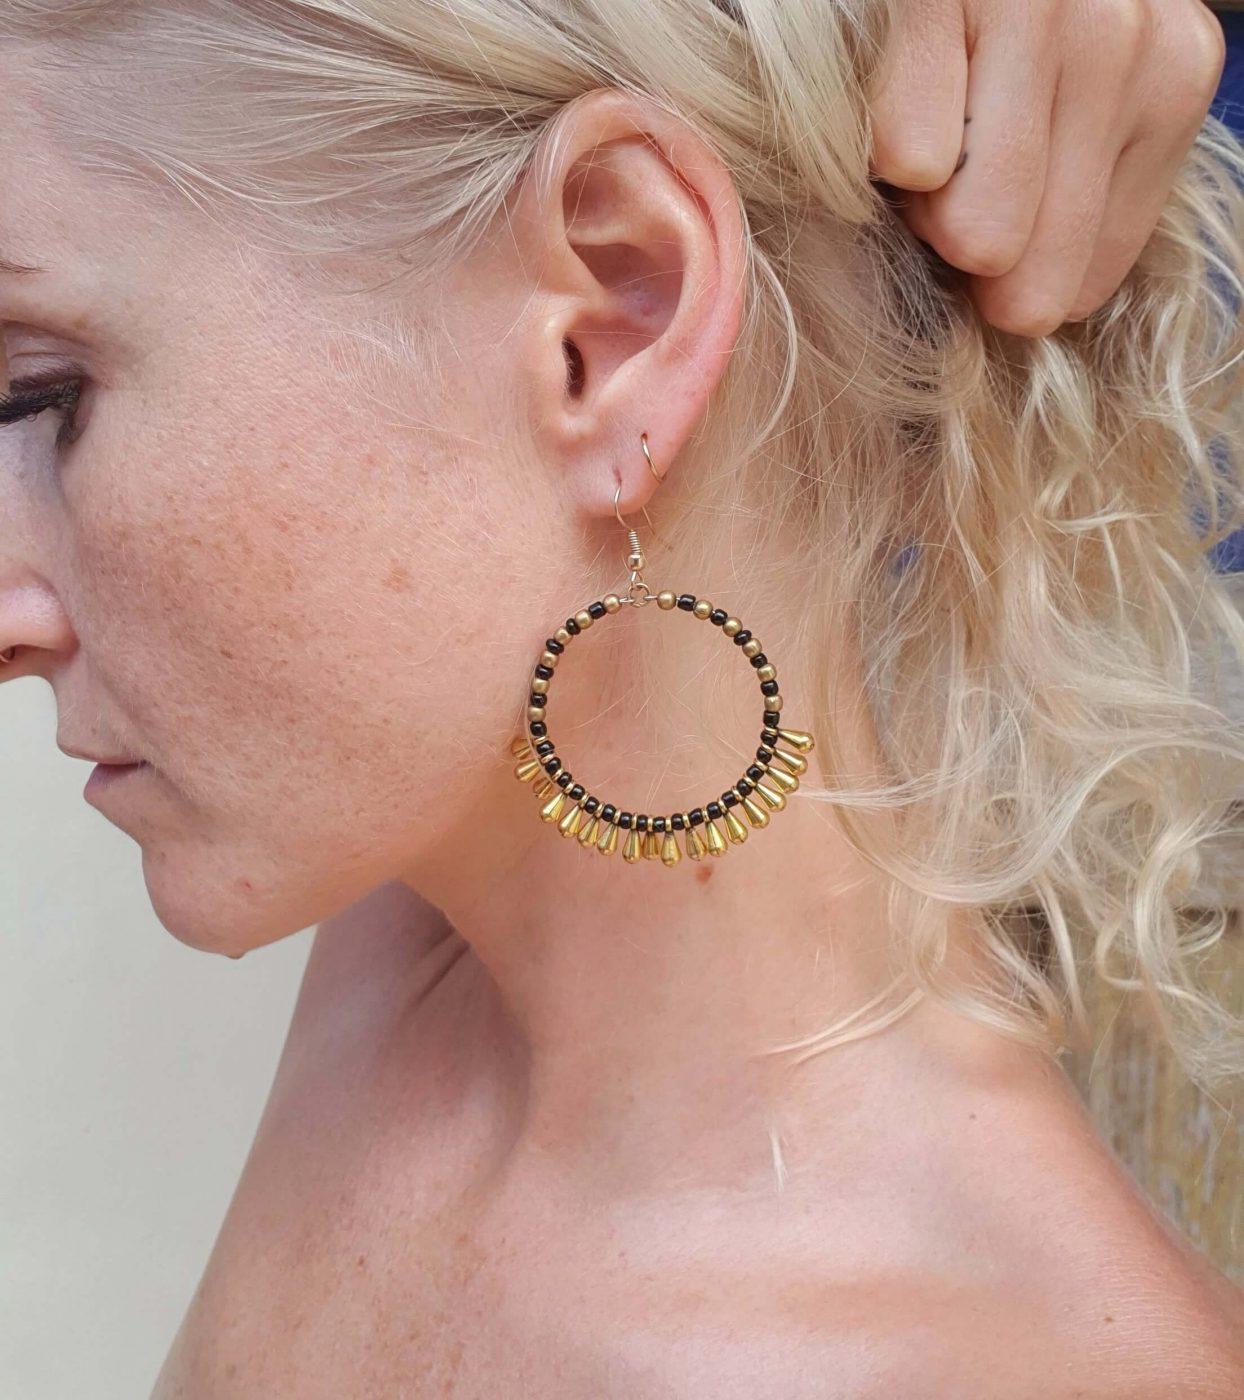 Hippie Schmuck Online kaufen Hippie Creolen Ohrringe Groß